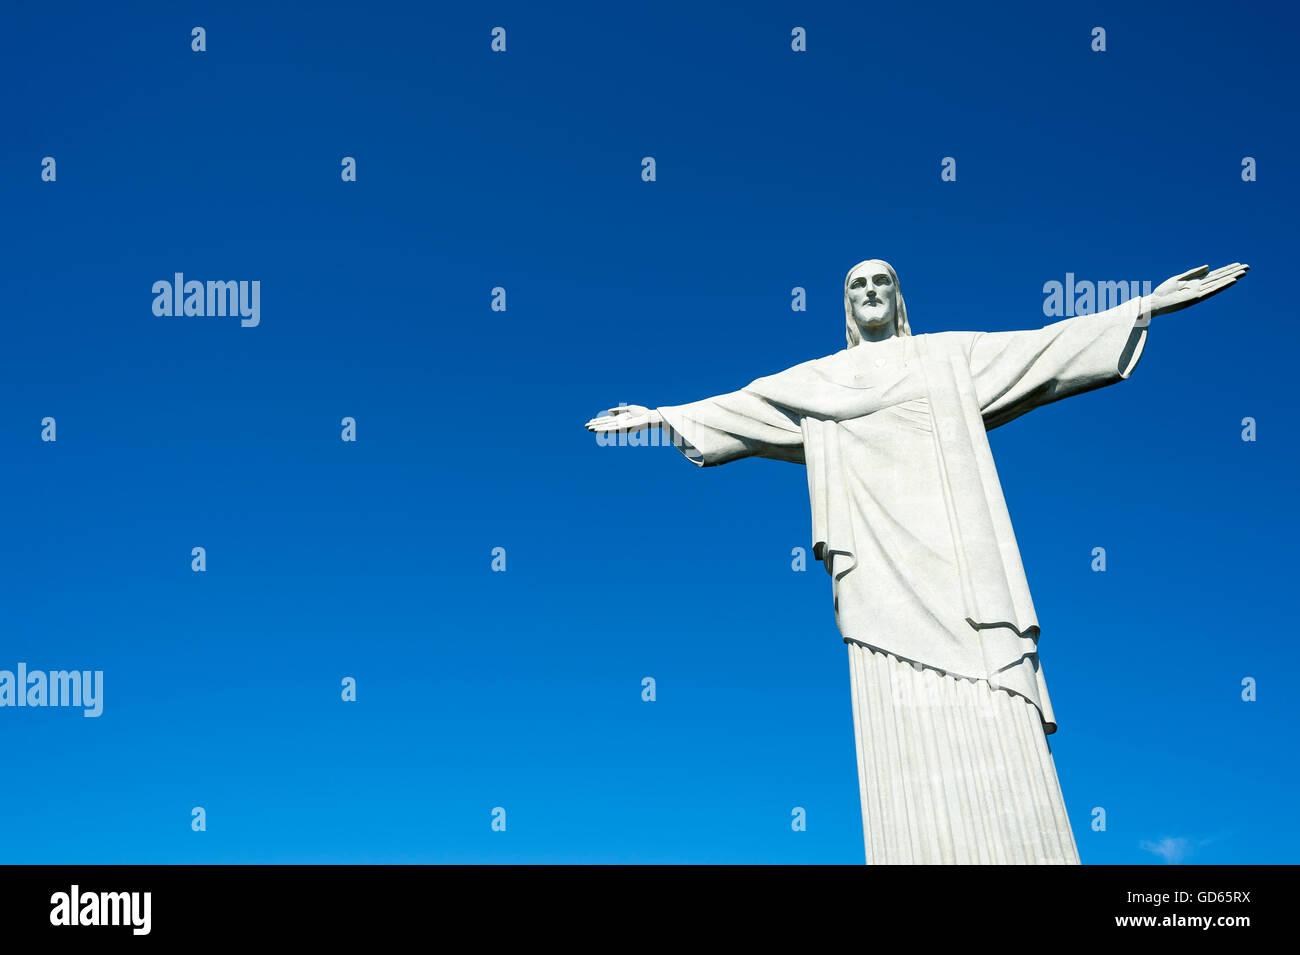 RIO DE JANEIRO - MARZO 05, 2016: Statua del Cristo Redentore nel cielo blu chiaro in bright sole di mattina. Immagini Stock